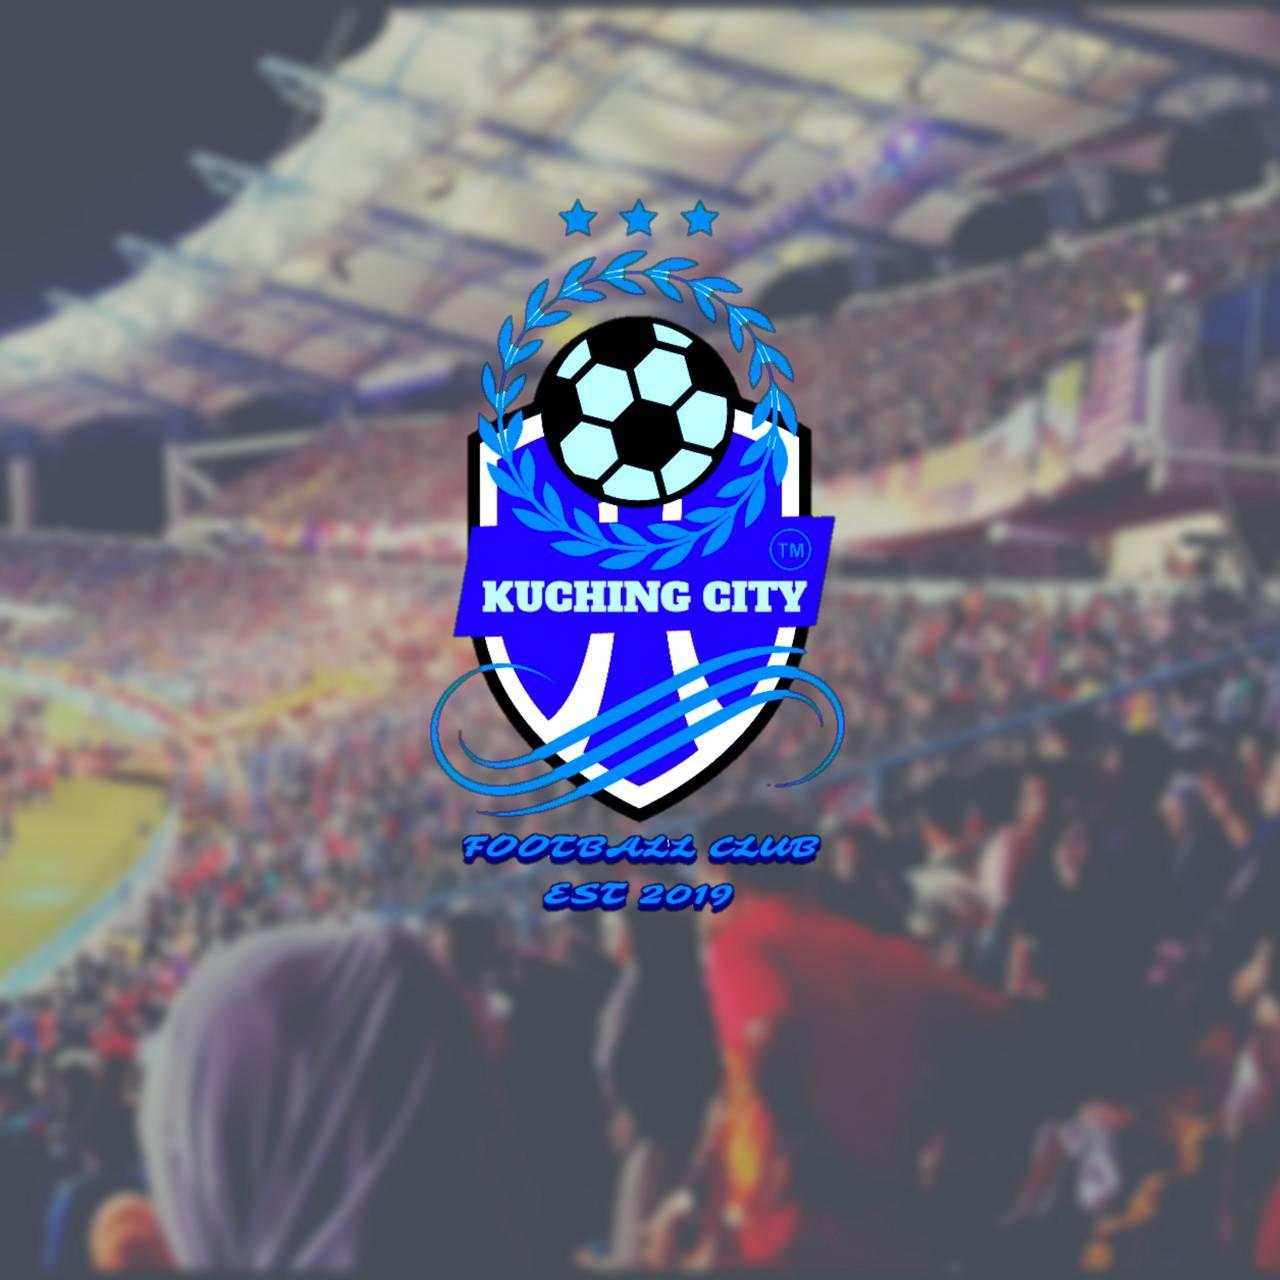 Kuching City FC